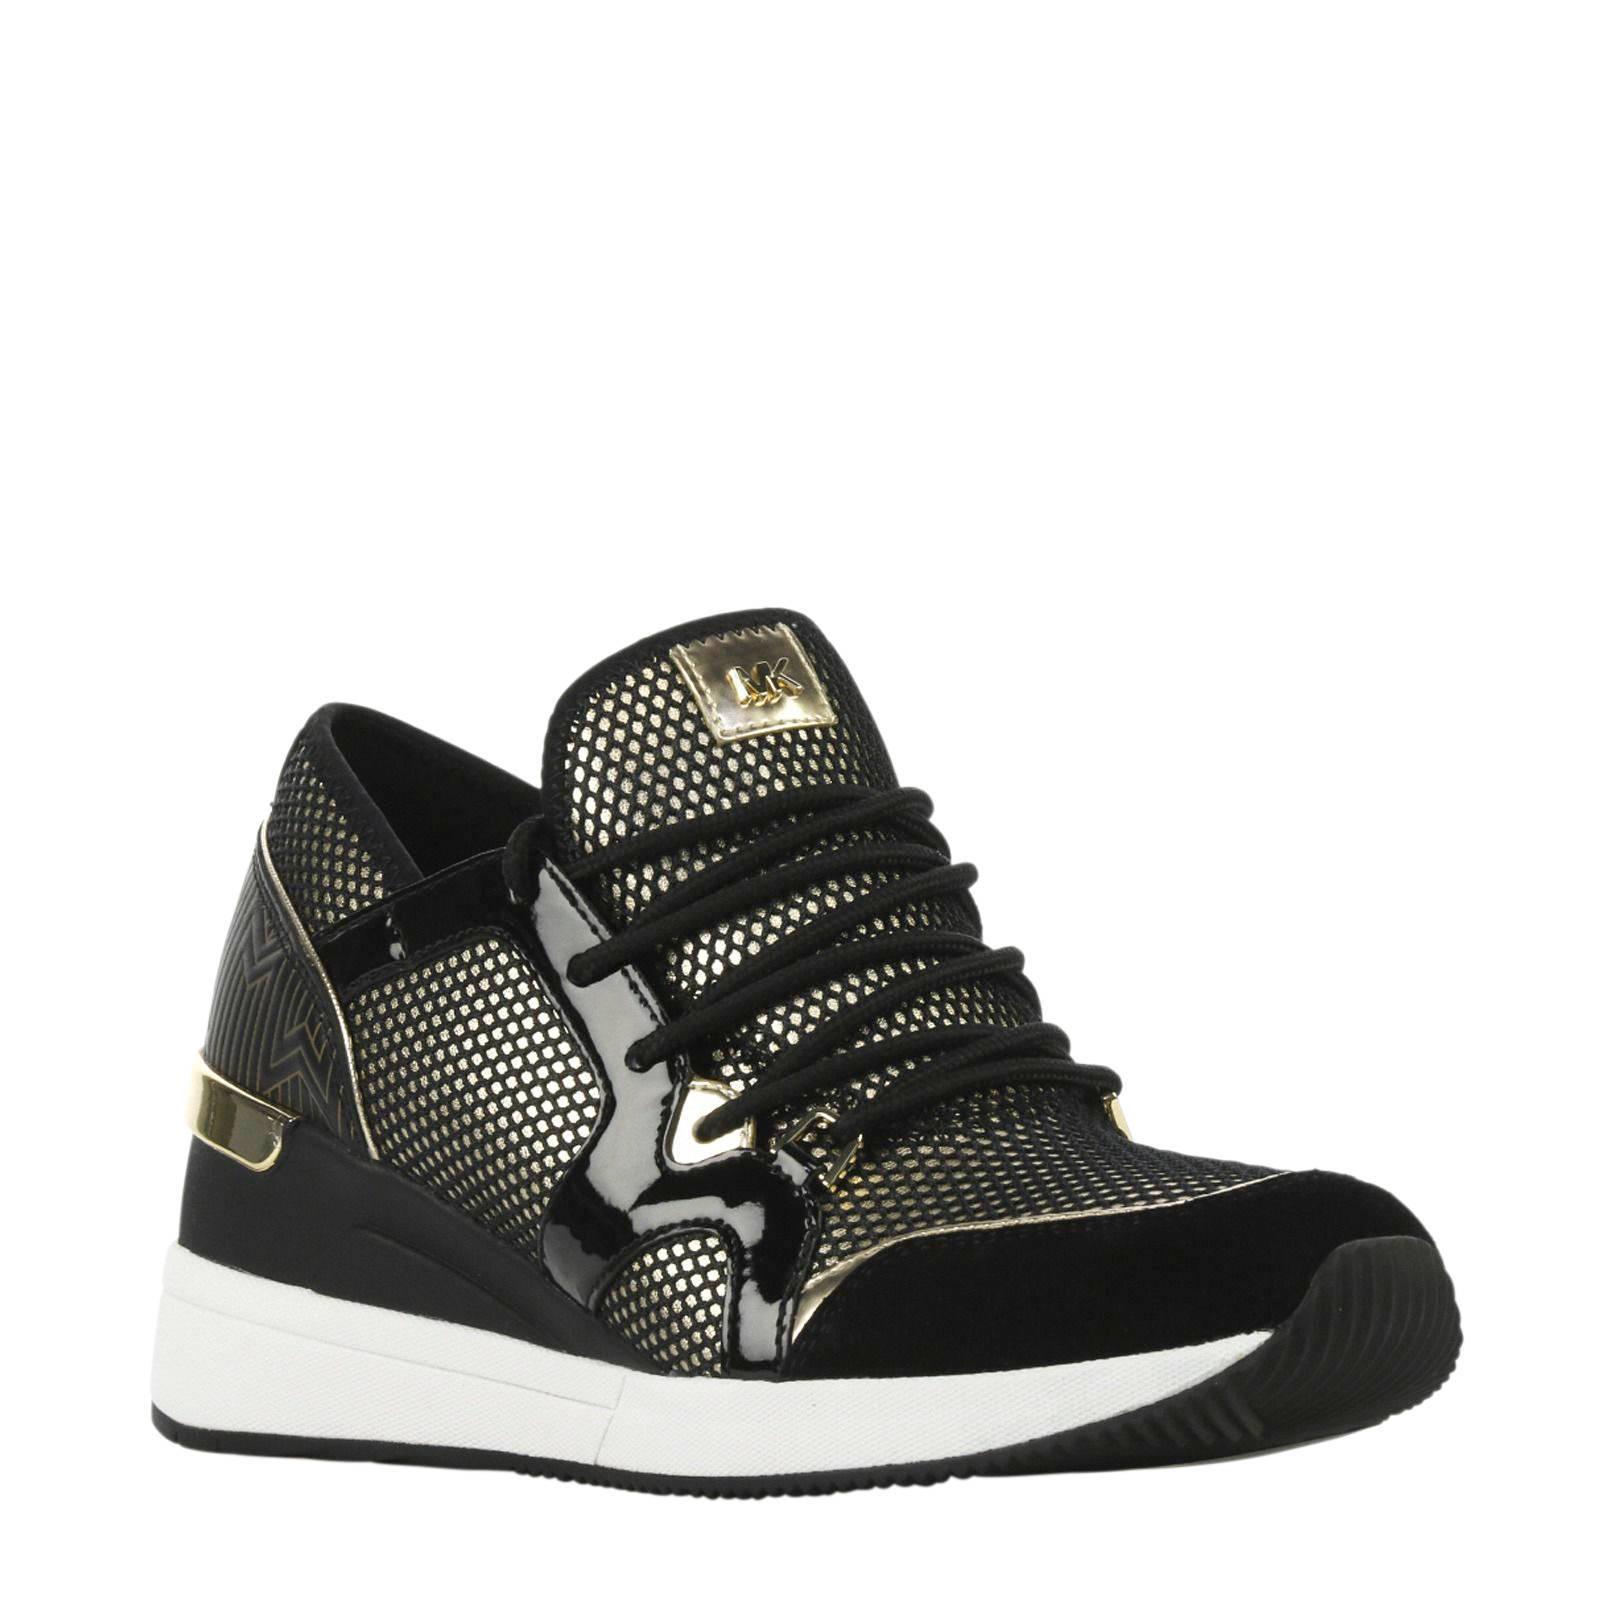 92fd6d71e18 Dames sneakers bij wehkamp - Gratis bezorging vanaf 20.-